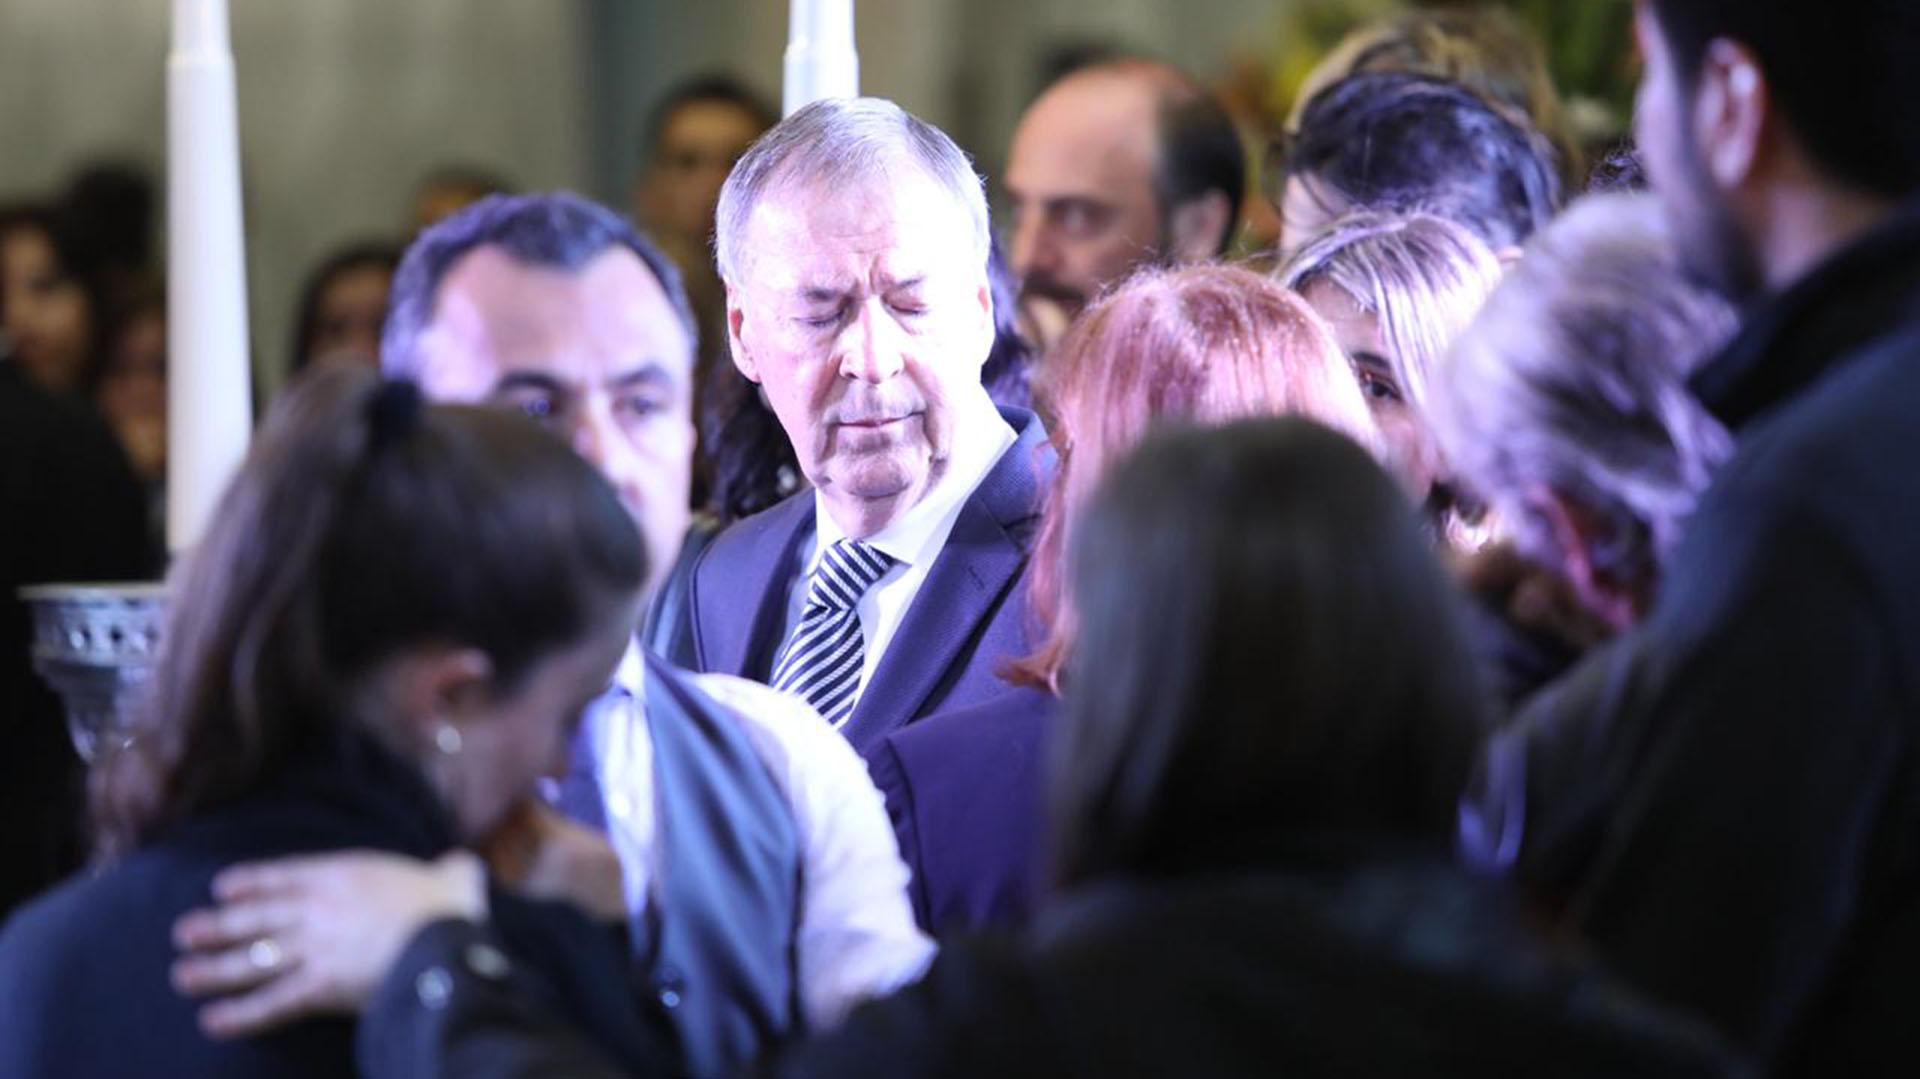 Al gobernador cordobés Juan Schiaretti se lo vio profundamente conmovido